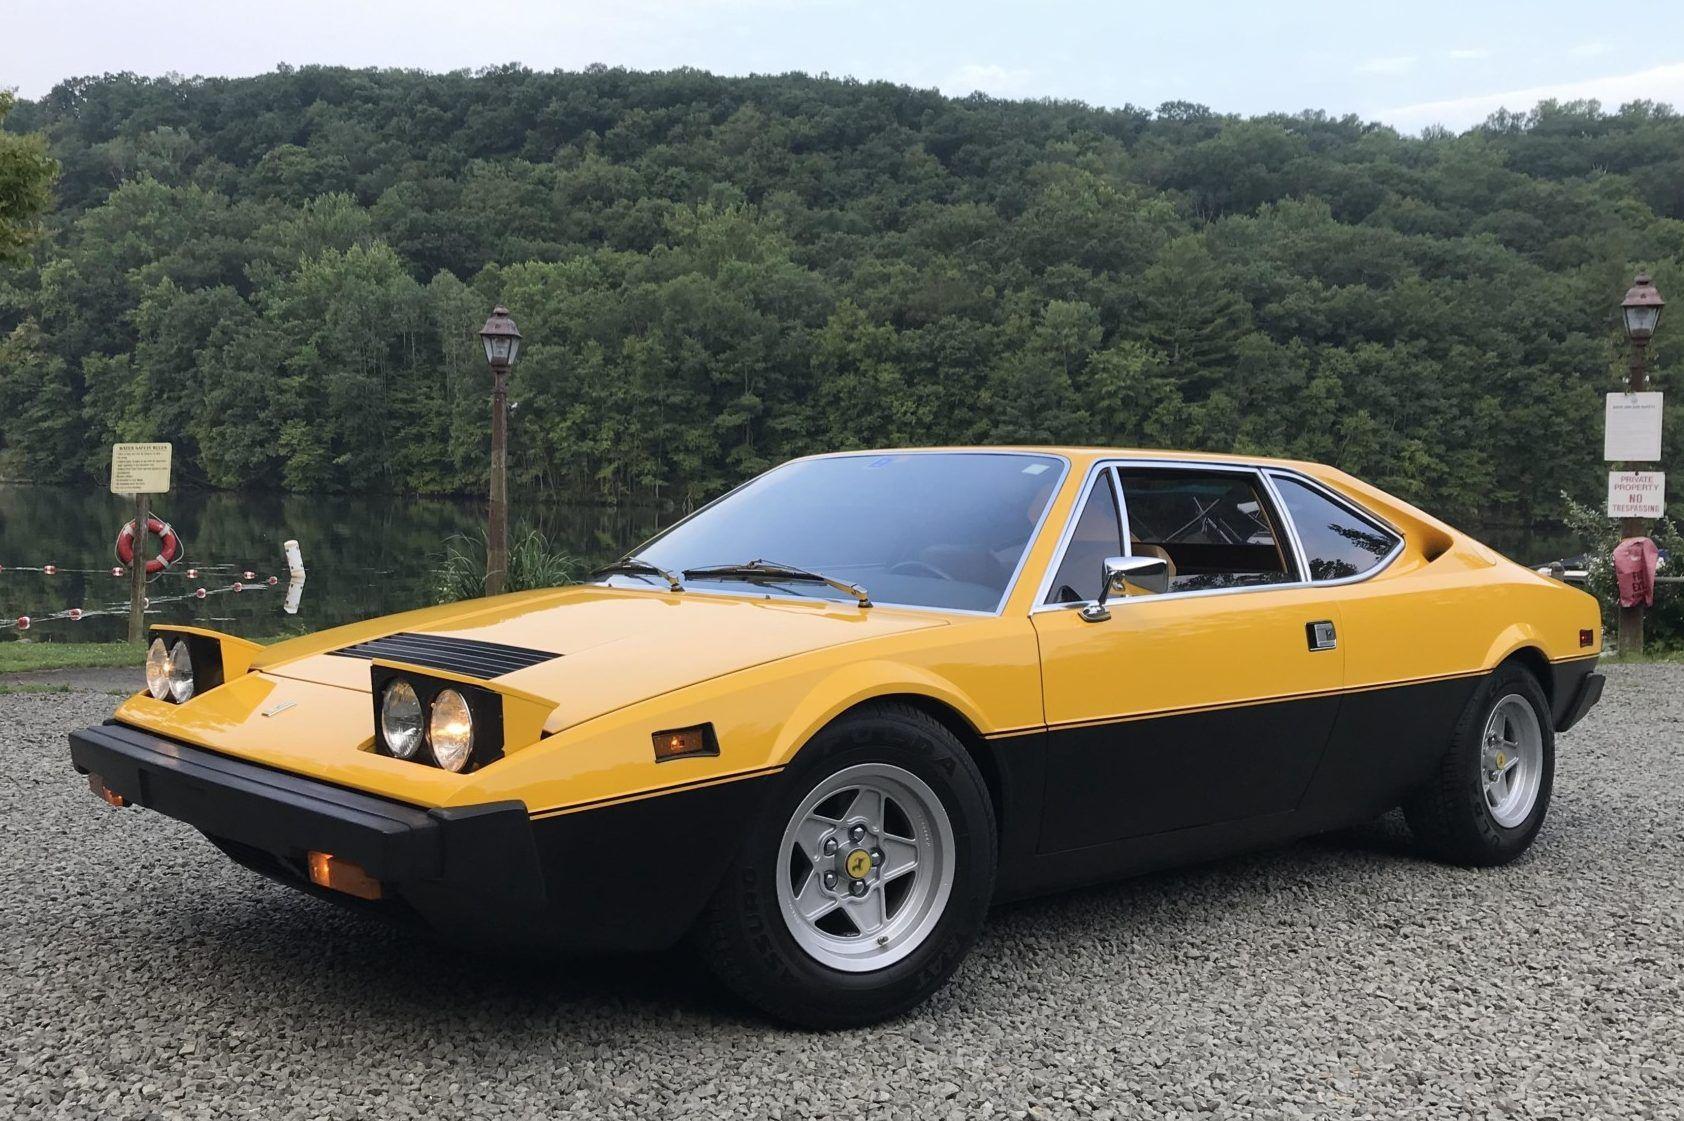 1975 Ferrari 308 GT4 Ferrari, Classic cars, Classic cars